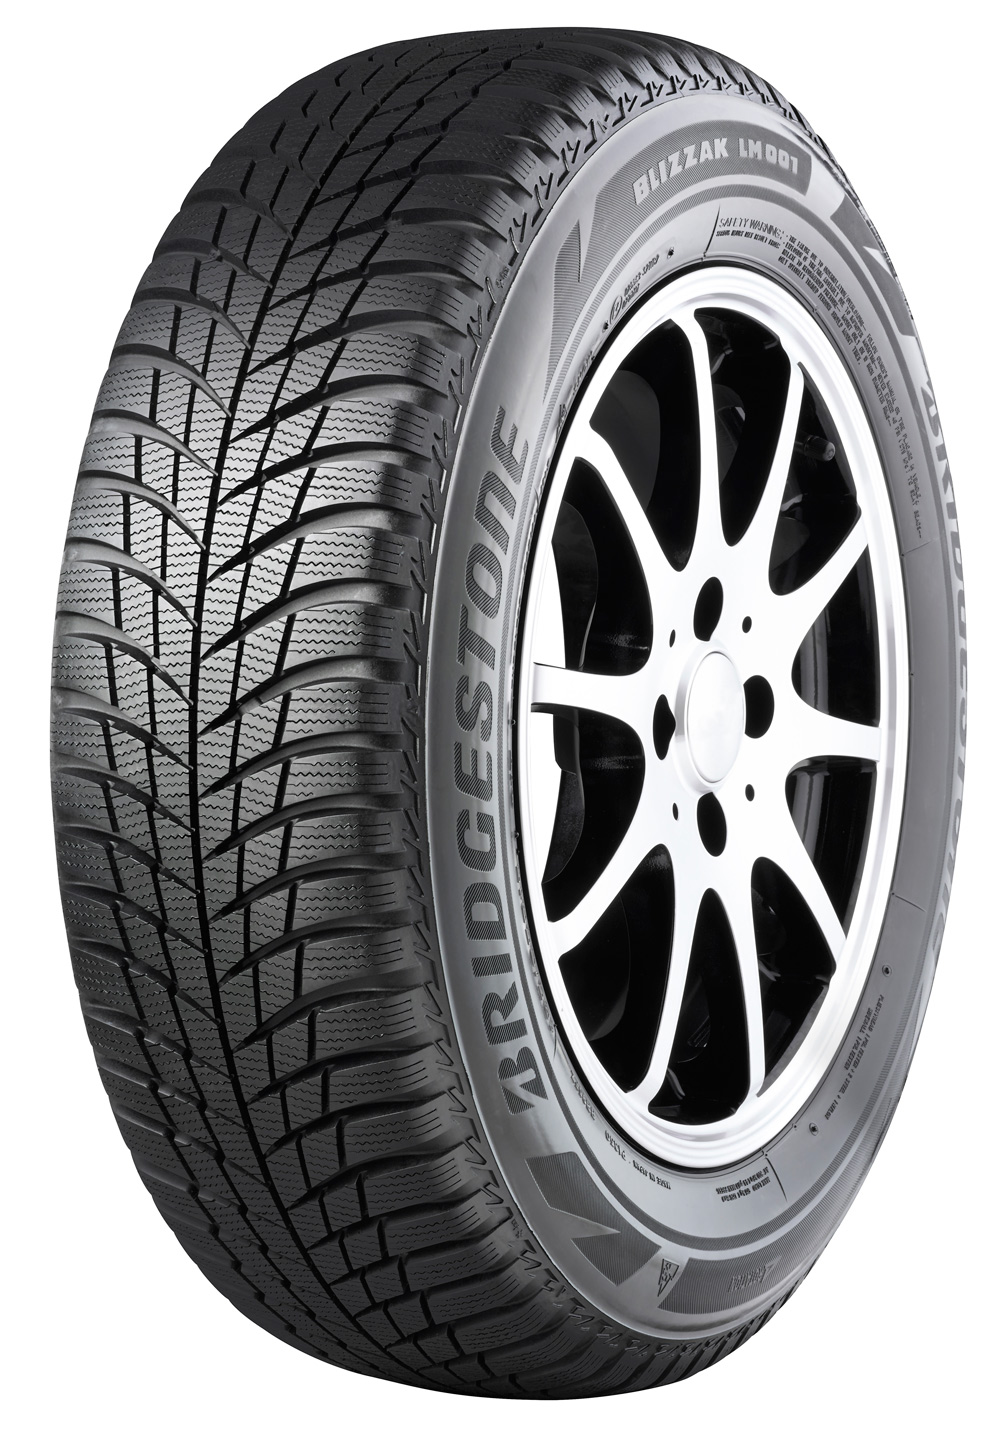 Bridgestone Blizzak Lm001 195/65 R 15 91H zimní